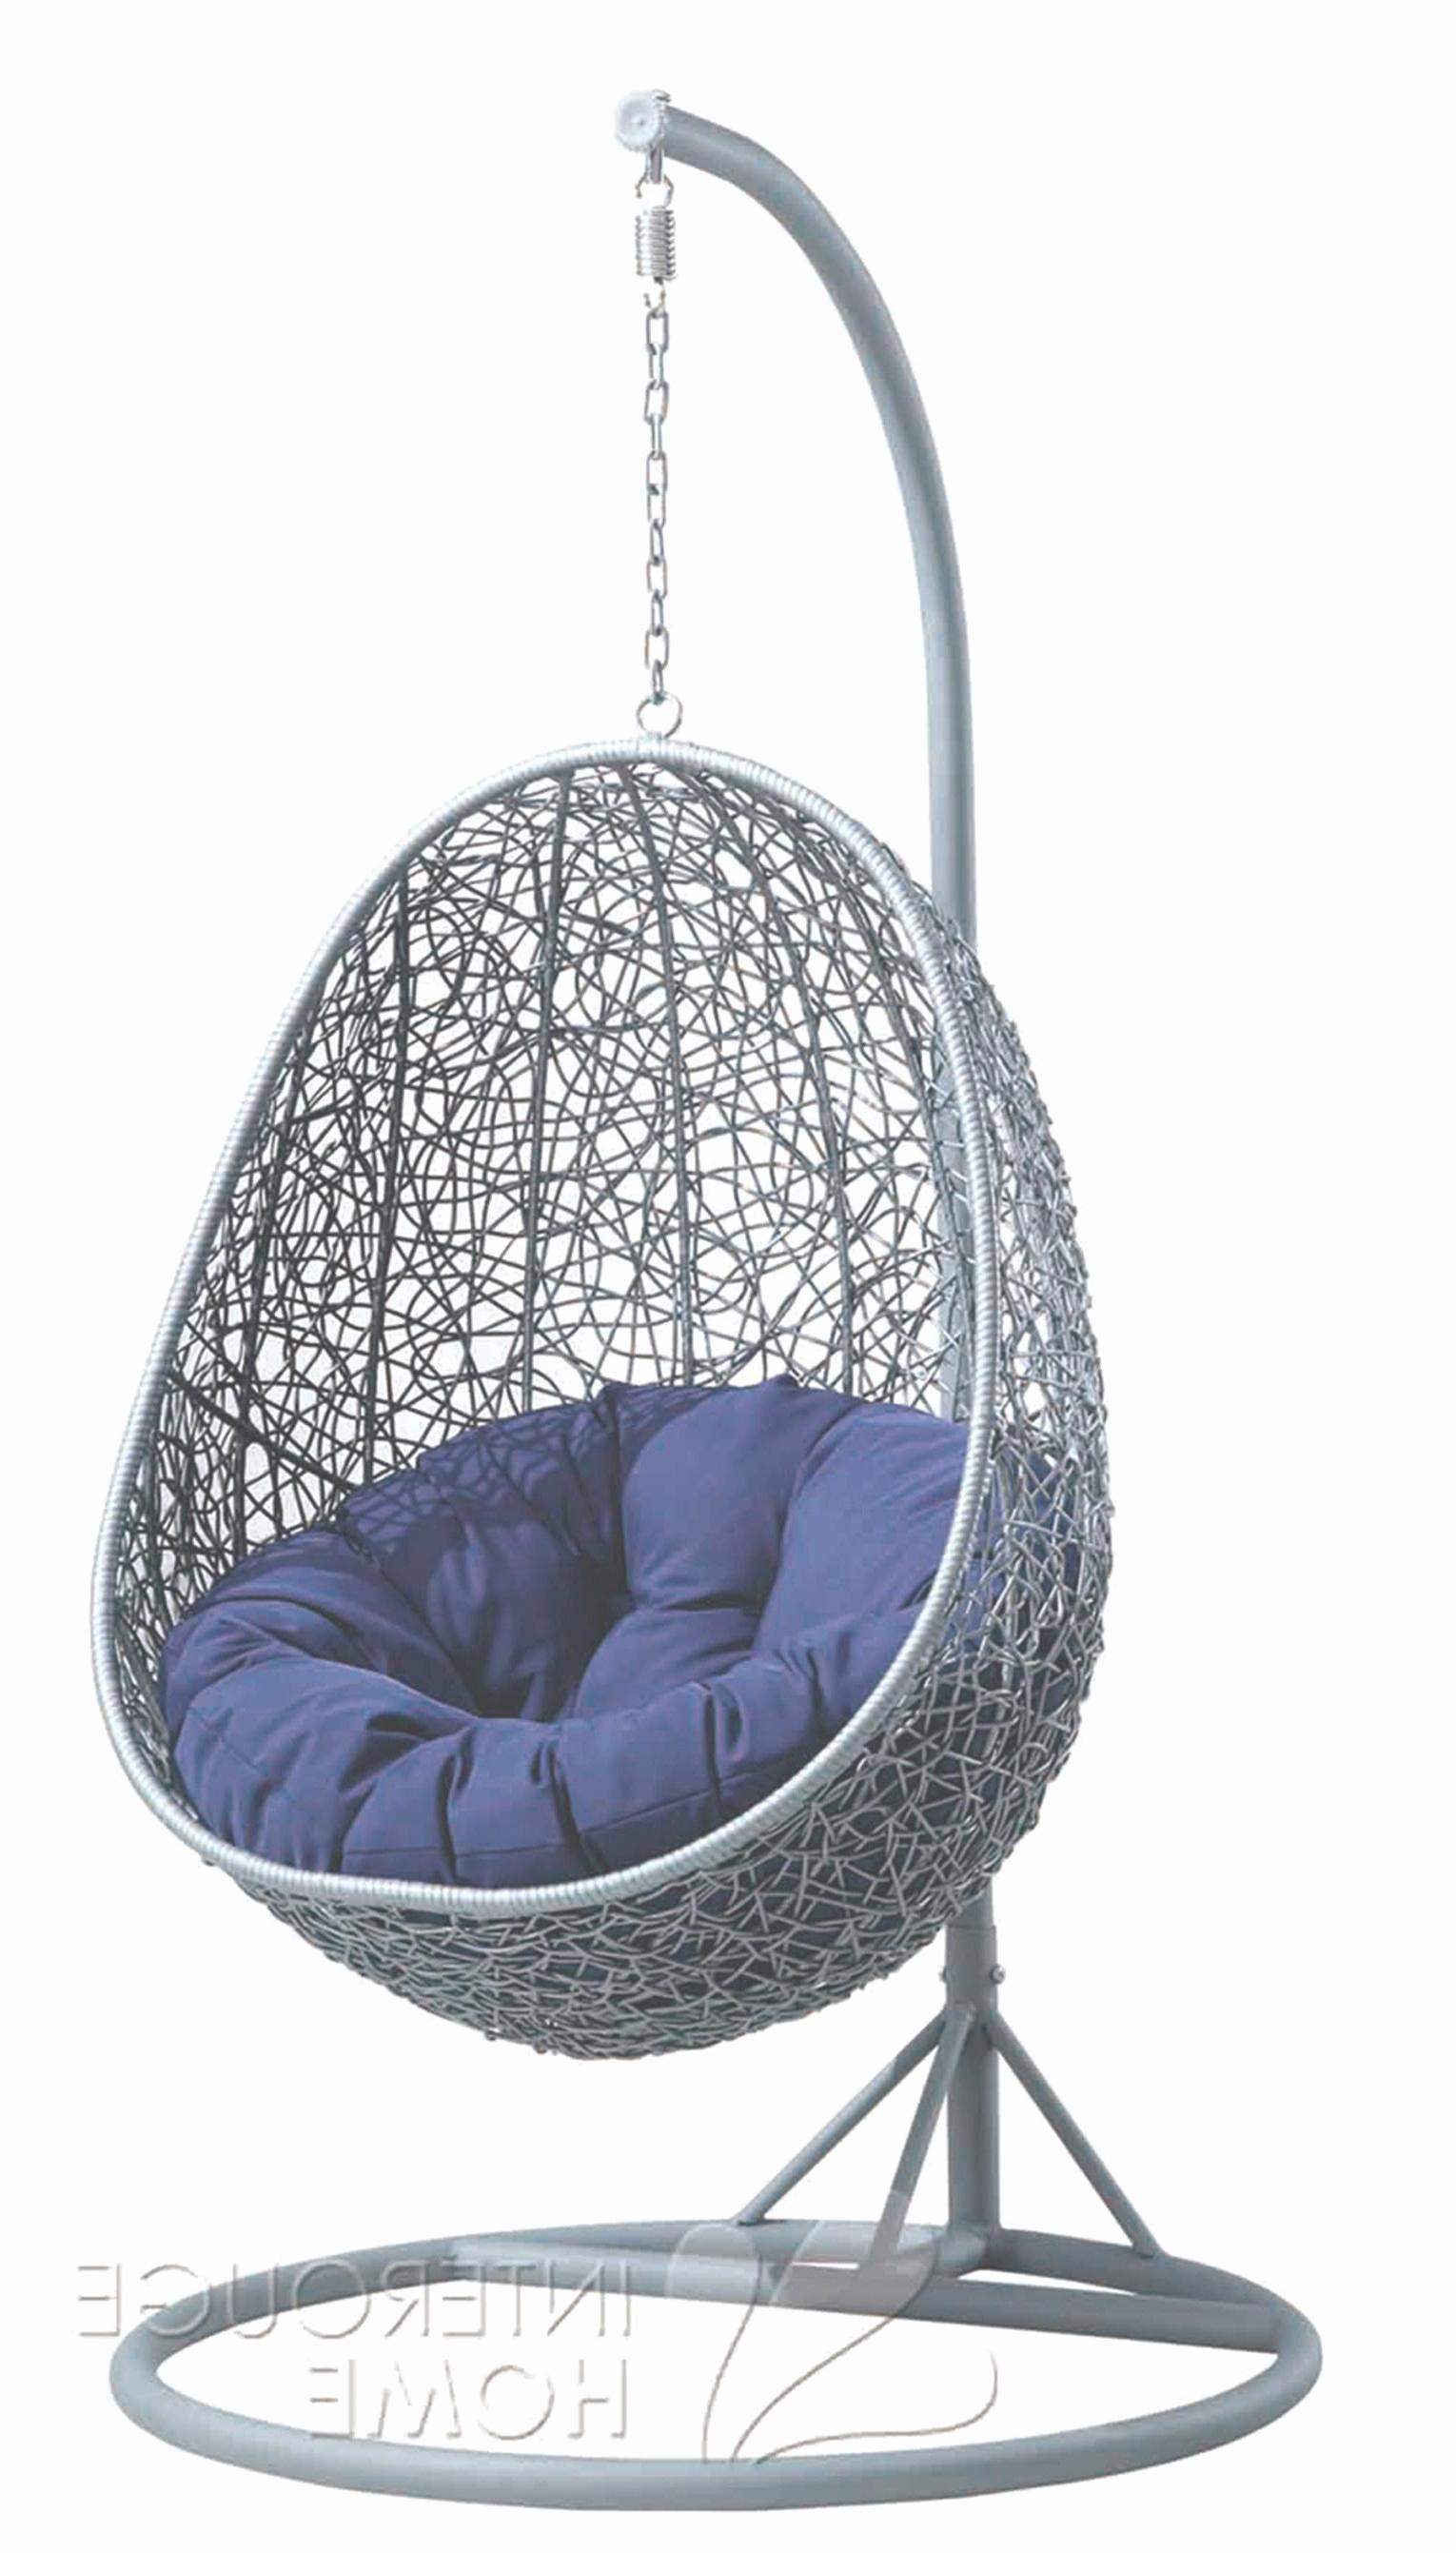 Dessus De Chaise Gifi Beau Collection Chaises Longues Gifi Génial tonnelle De Jardin Gifi De Confortable